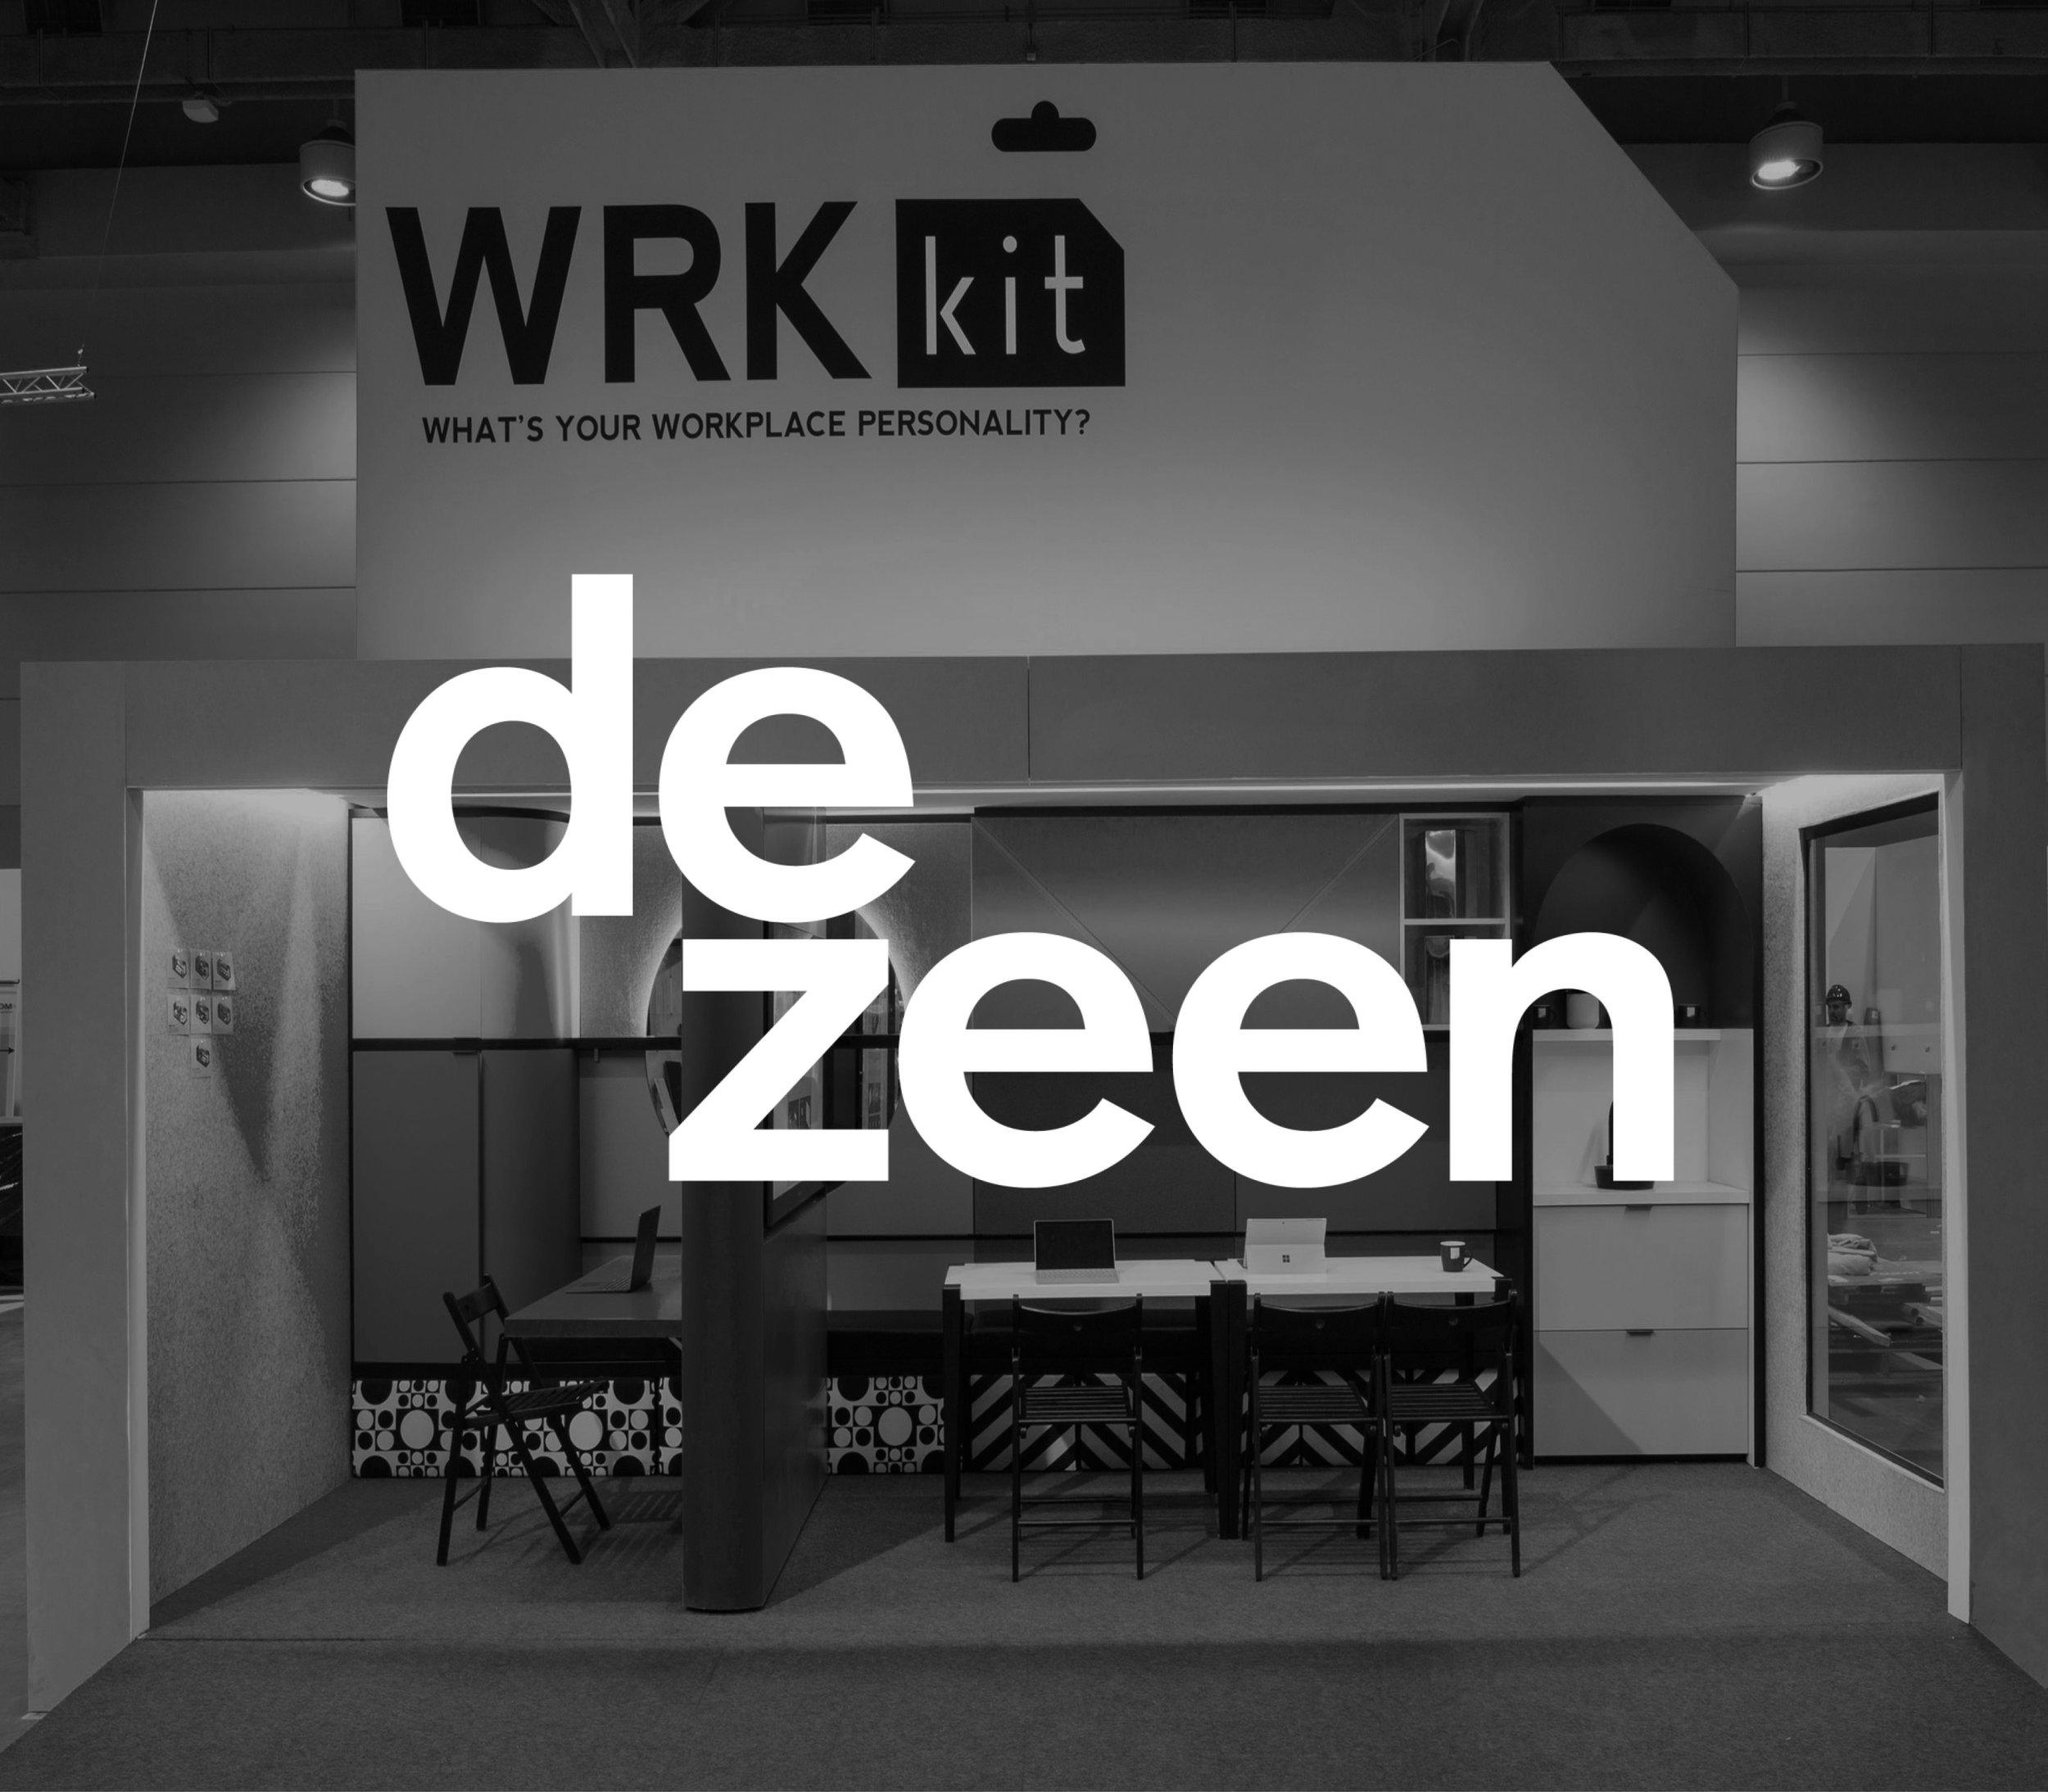 sdi design dezeen WRKkit workplace flexible office container